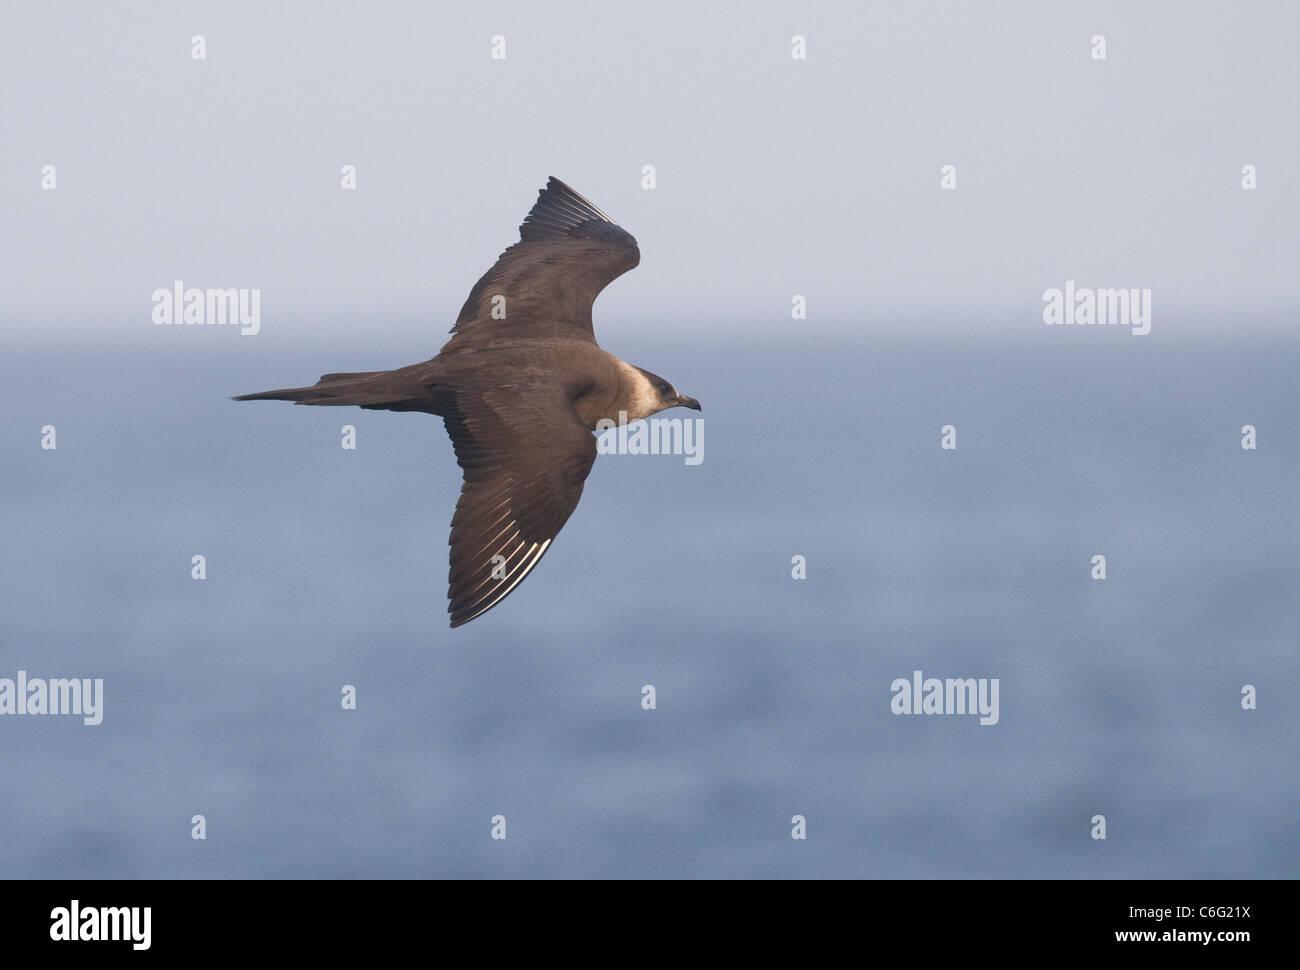 Arctic skúas Stercorarius parasiticus adulto en vuelo. Julio. Las Islas Shetland, Escocia, el fotógrafo británico.Andrew Foto de stock